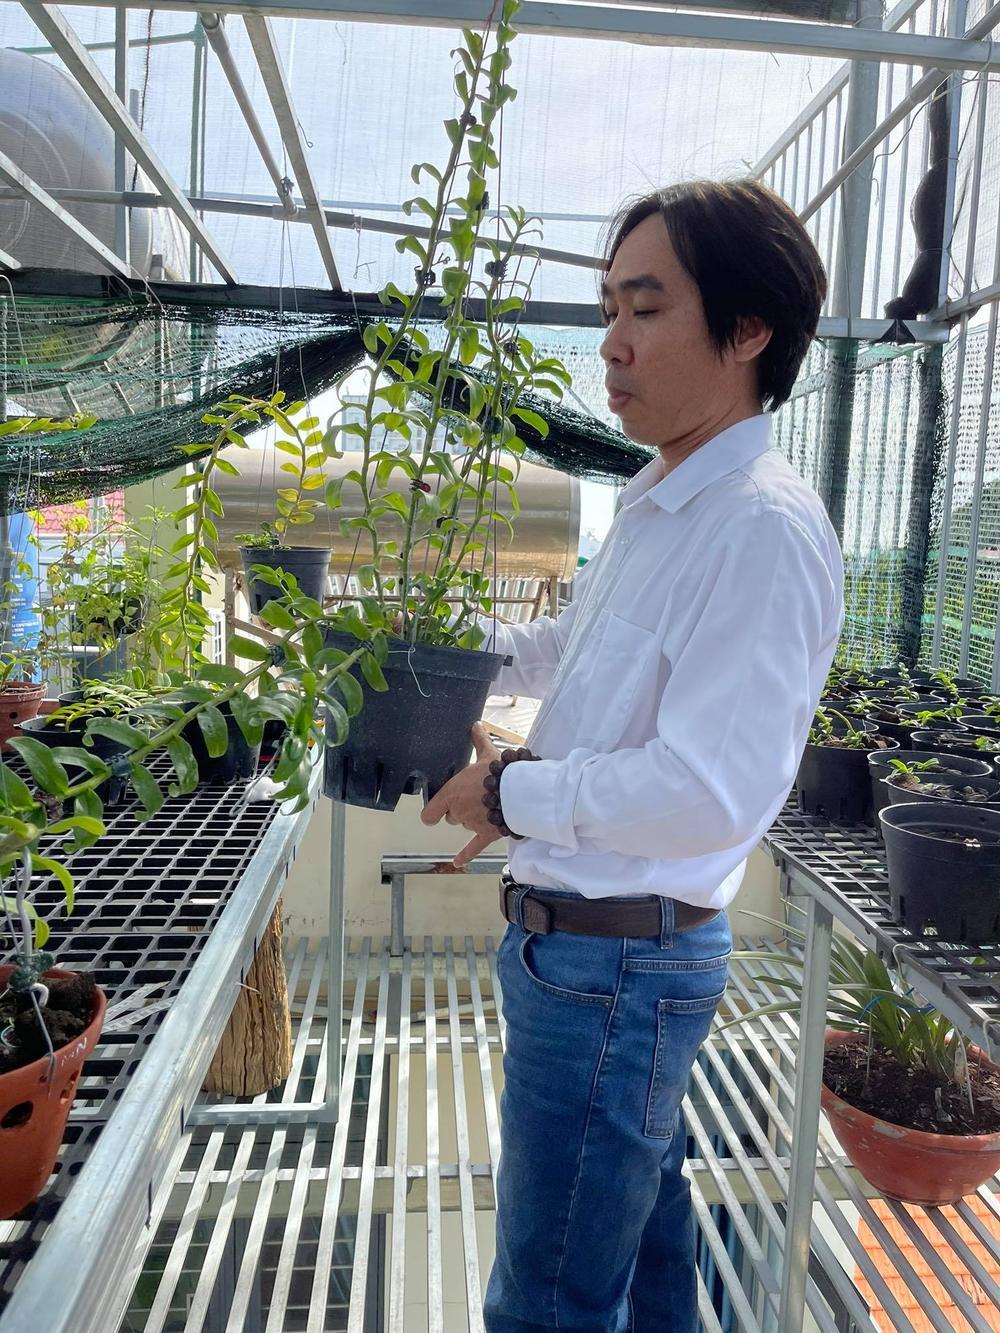 Ông chủ Nguyễn Huy Bình và vườn lan 'khủng' nhiều người ngưỡng mộ Ảnh 2